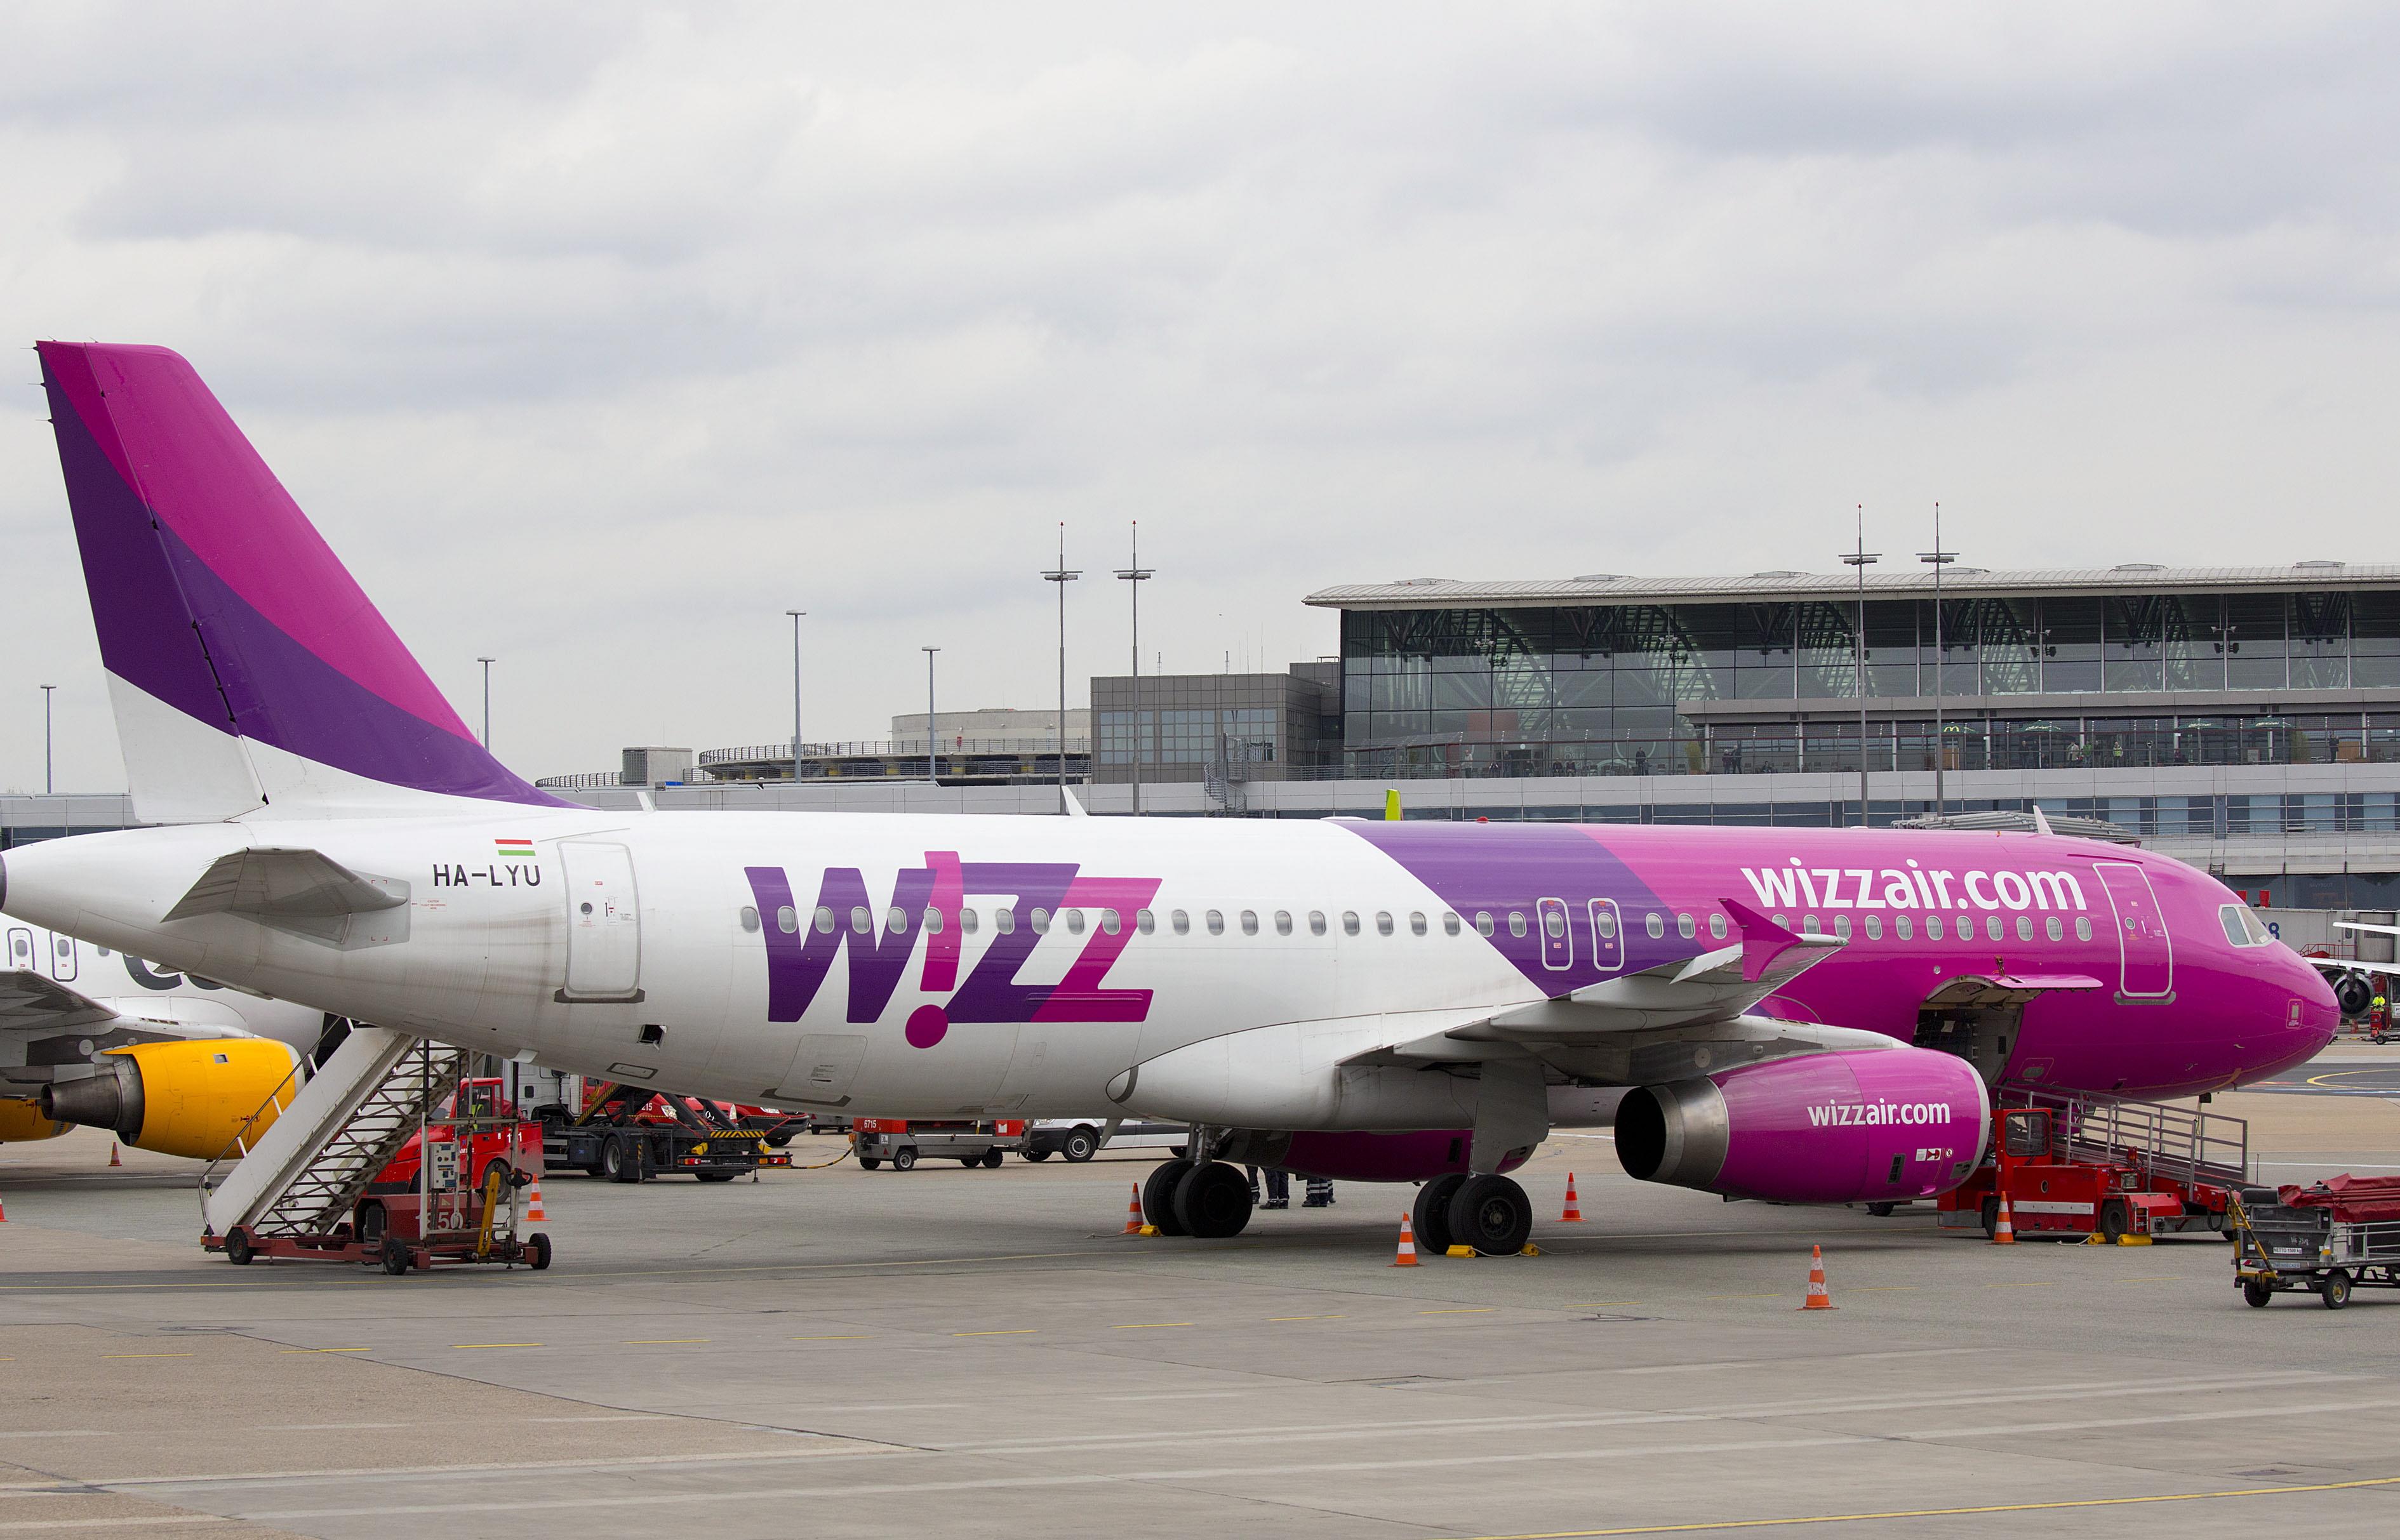 Wizz Air Offering Three New Destinations From Hamburg Airport Hamburg News